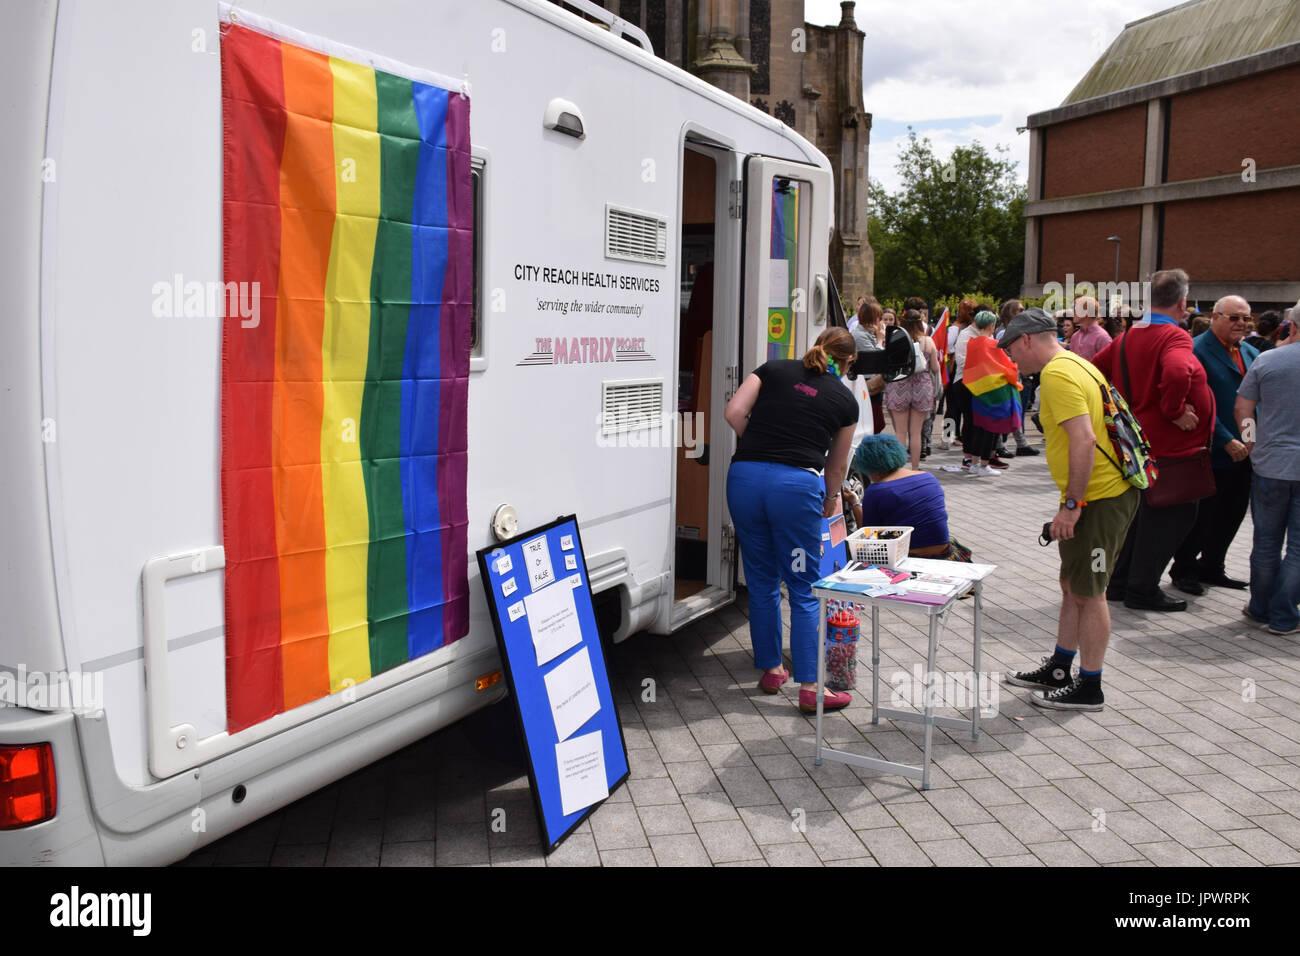 Stadt erreichen Gesundheitsleistungen auf stolz 2017, Norwich UK, 29. Juli 2017 Stockbild